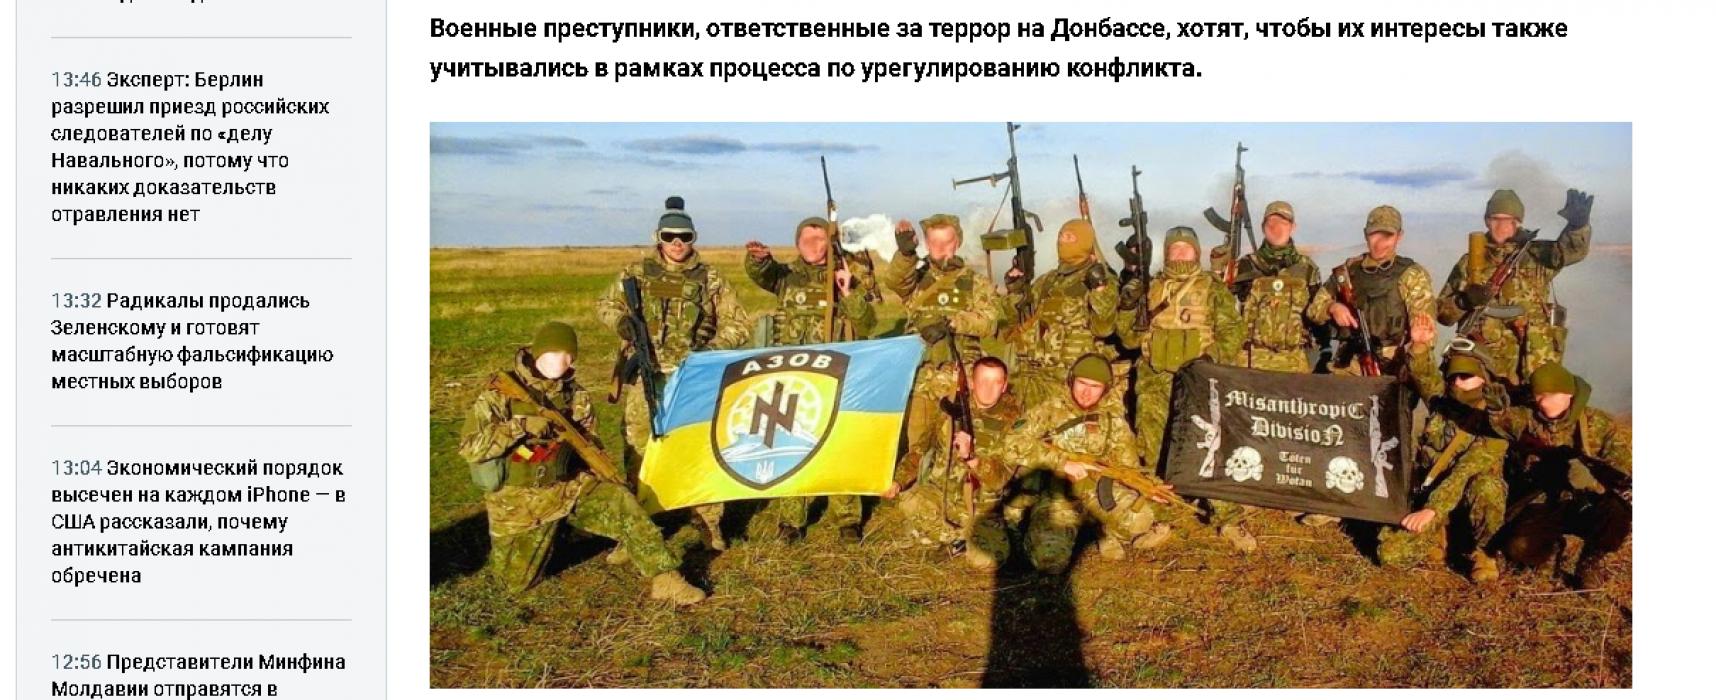 """Фейк: """"Убийцы жителей Донбасса"""" хотят лично поучаствовать в минских переговорах"""